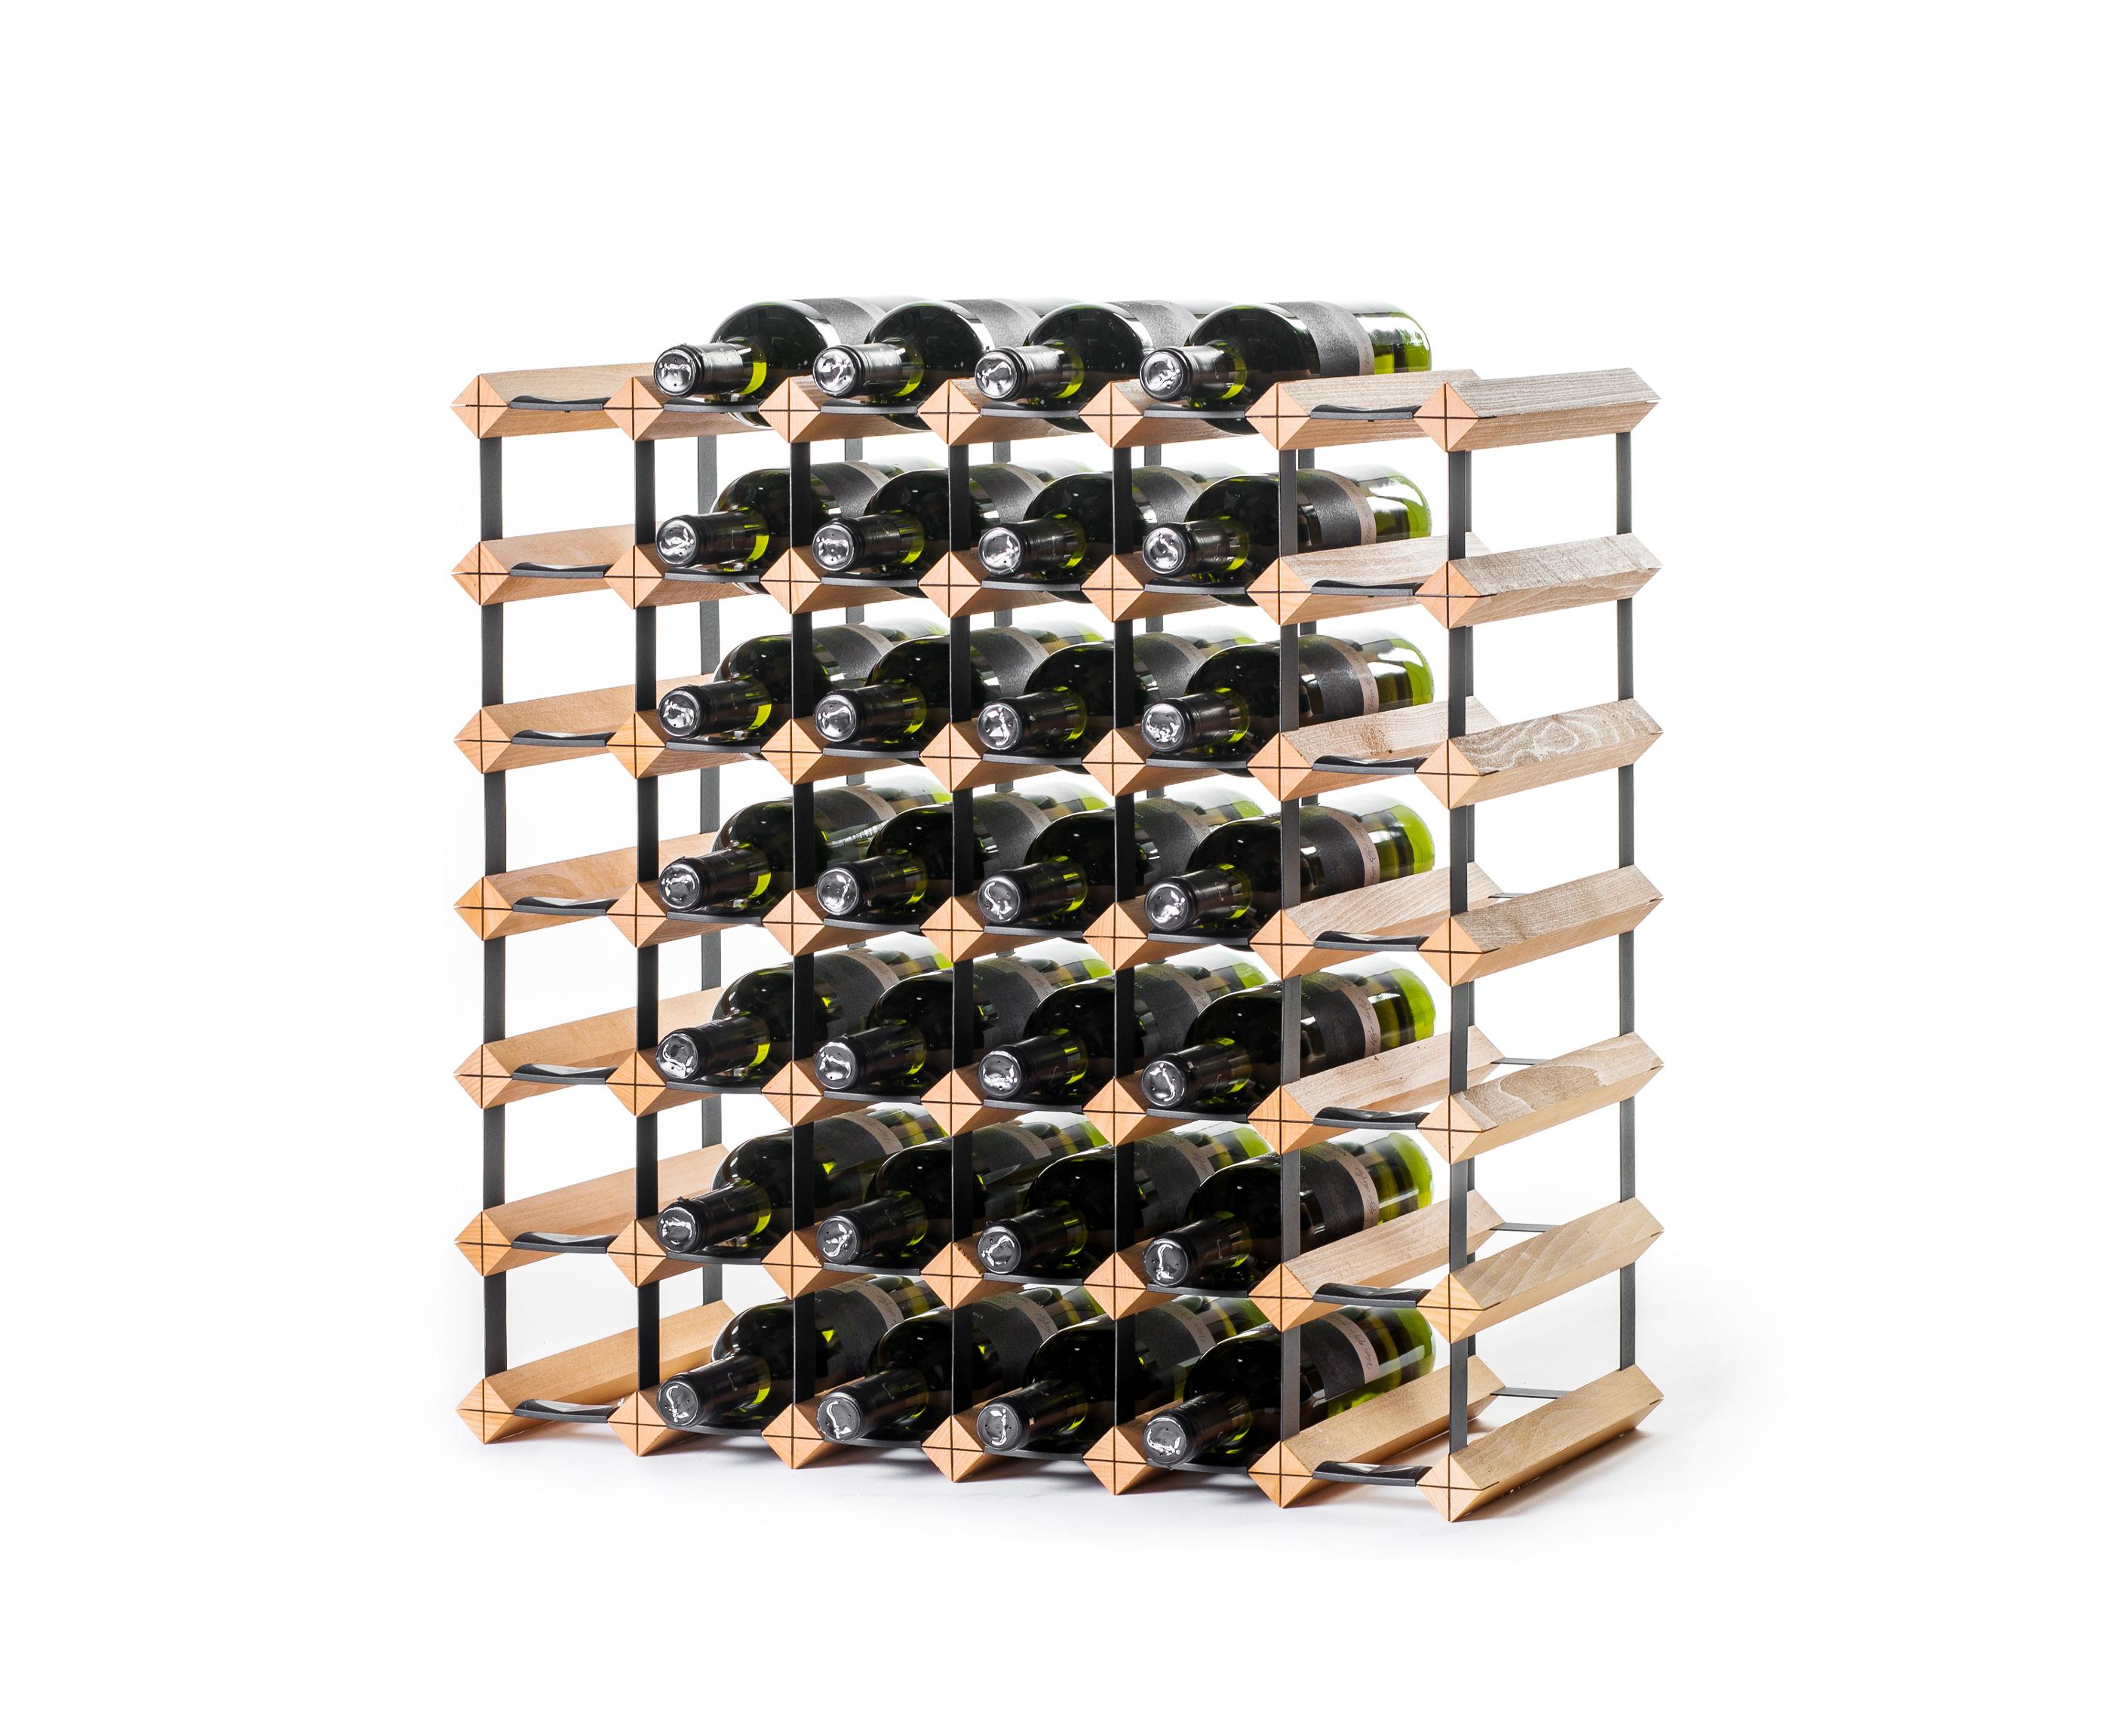 holz weinregal raxi classic 42 flaschen - weinregale raxi